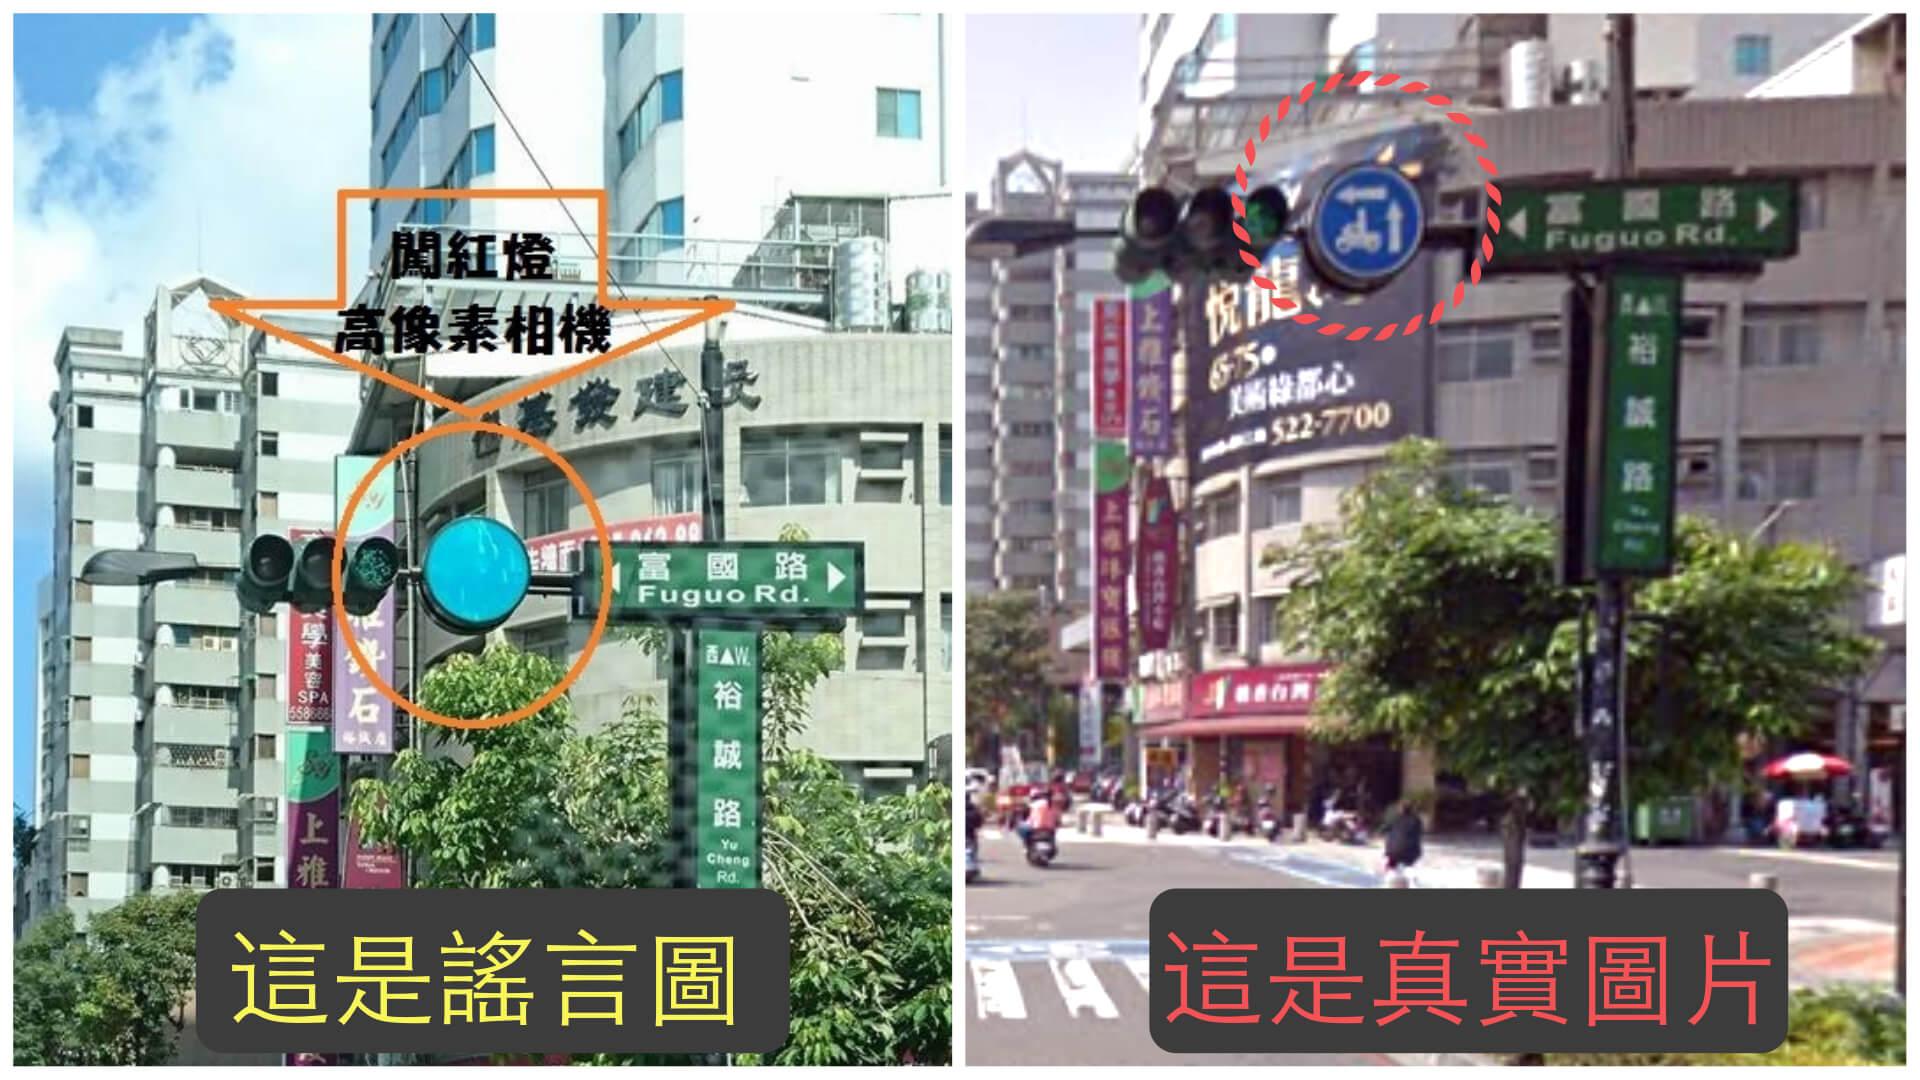 左邊是謠言圖,右邊是Google map截圖